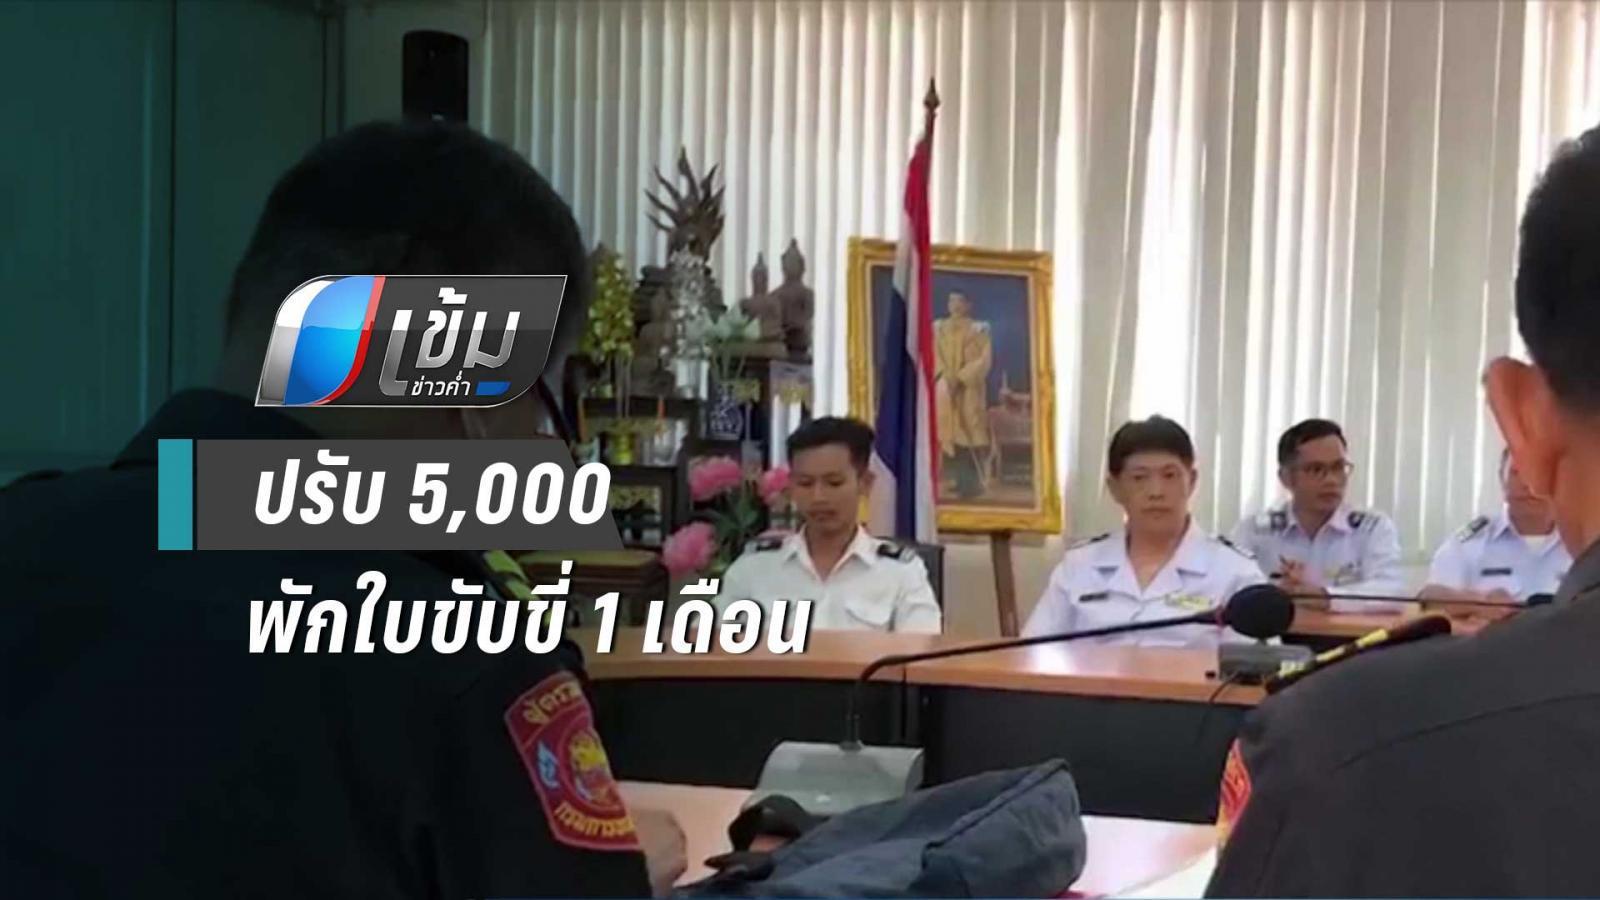 ปรับ 5,000 พักใบขับขี่ 1 เดือน  คนขับรถเมล์ 129 ทำร้ายผู้โดยสาร